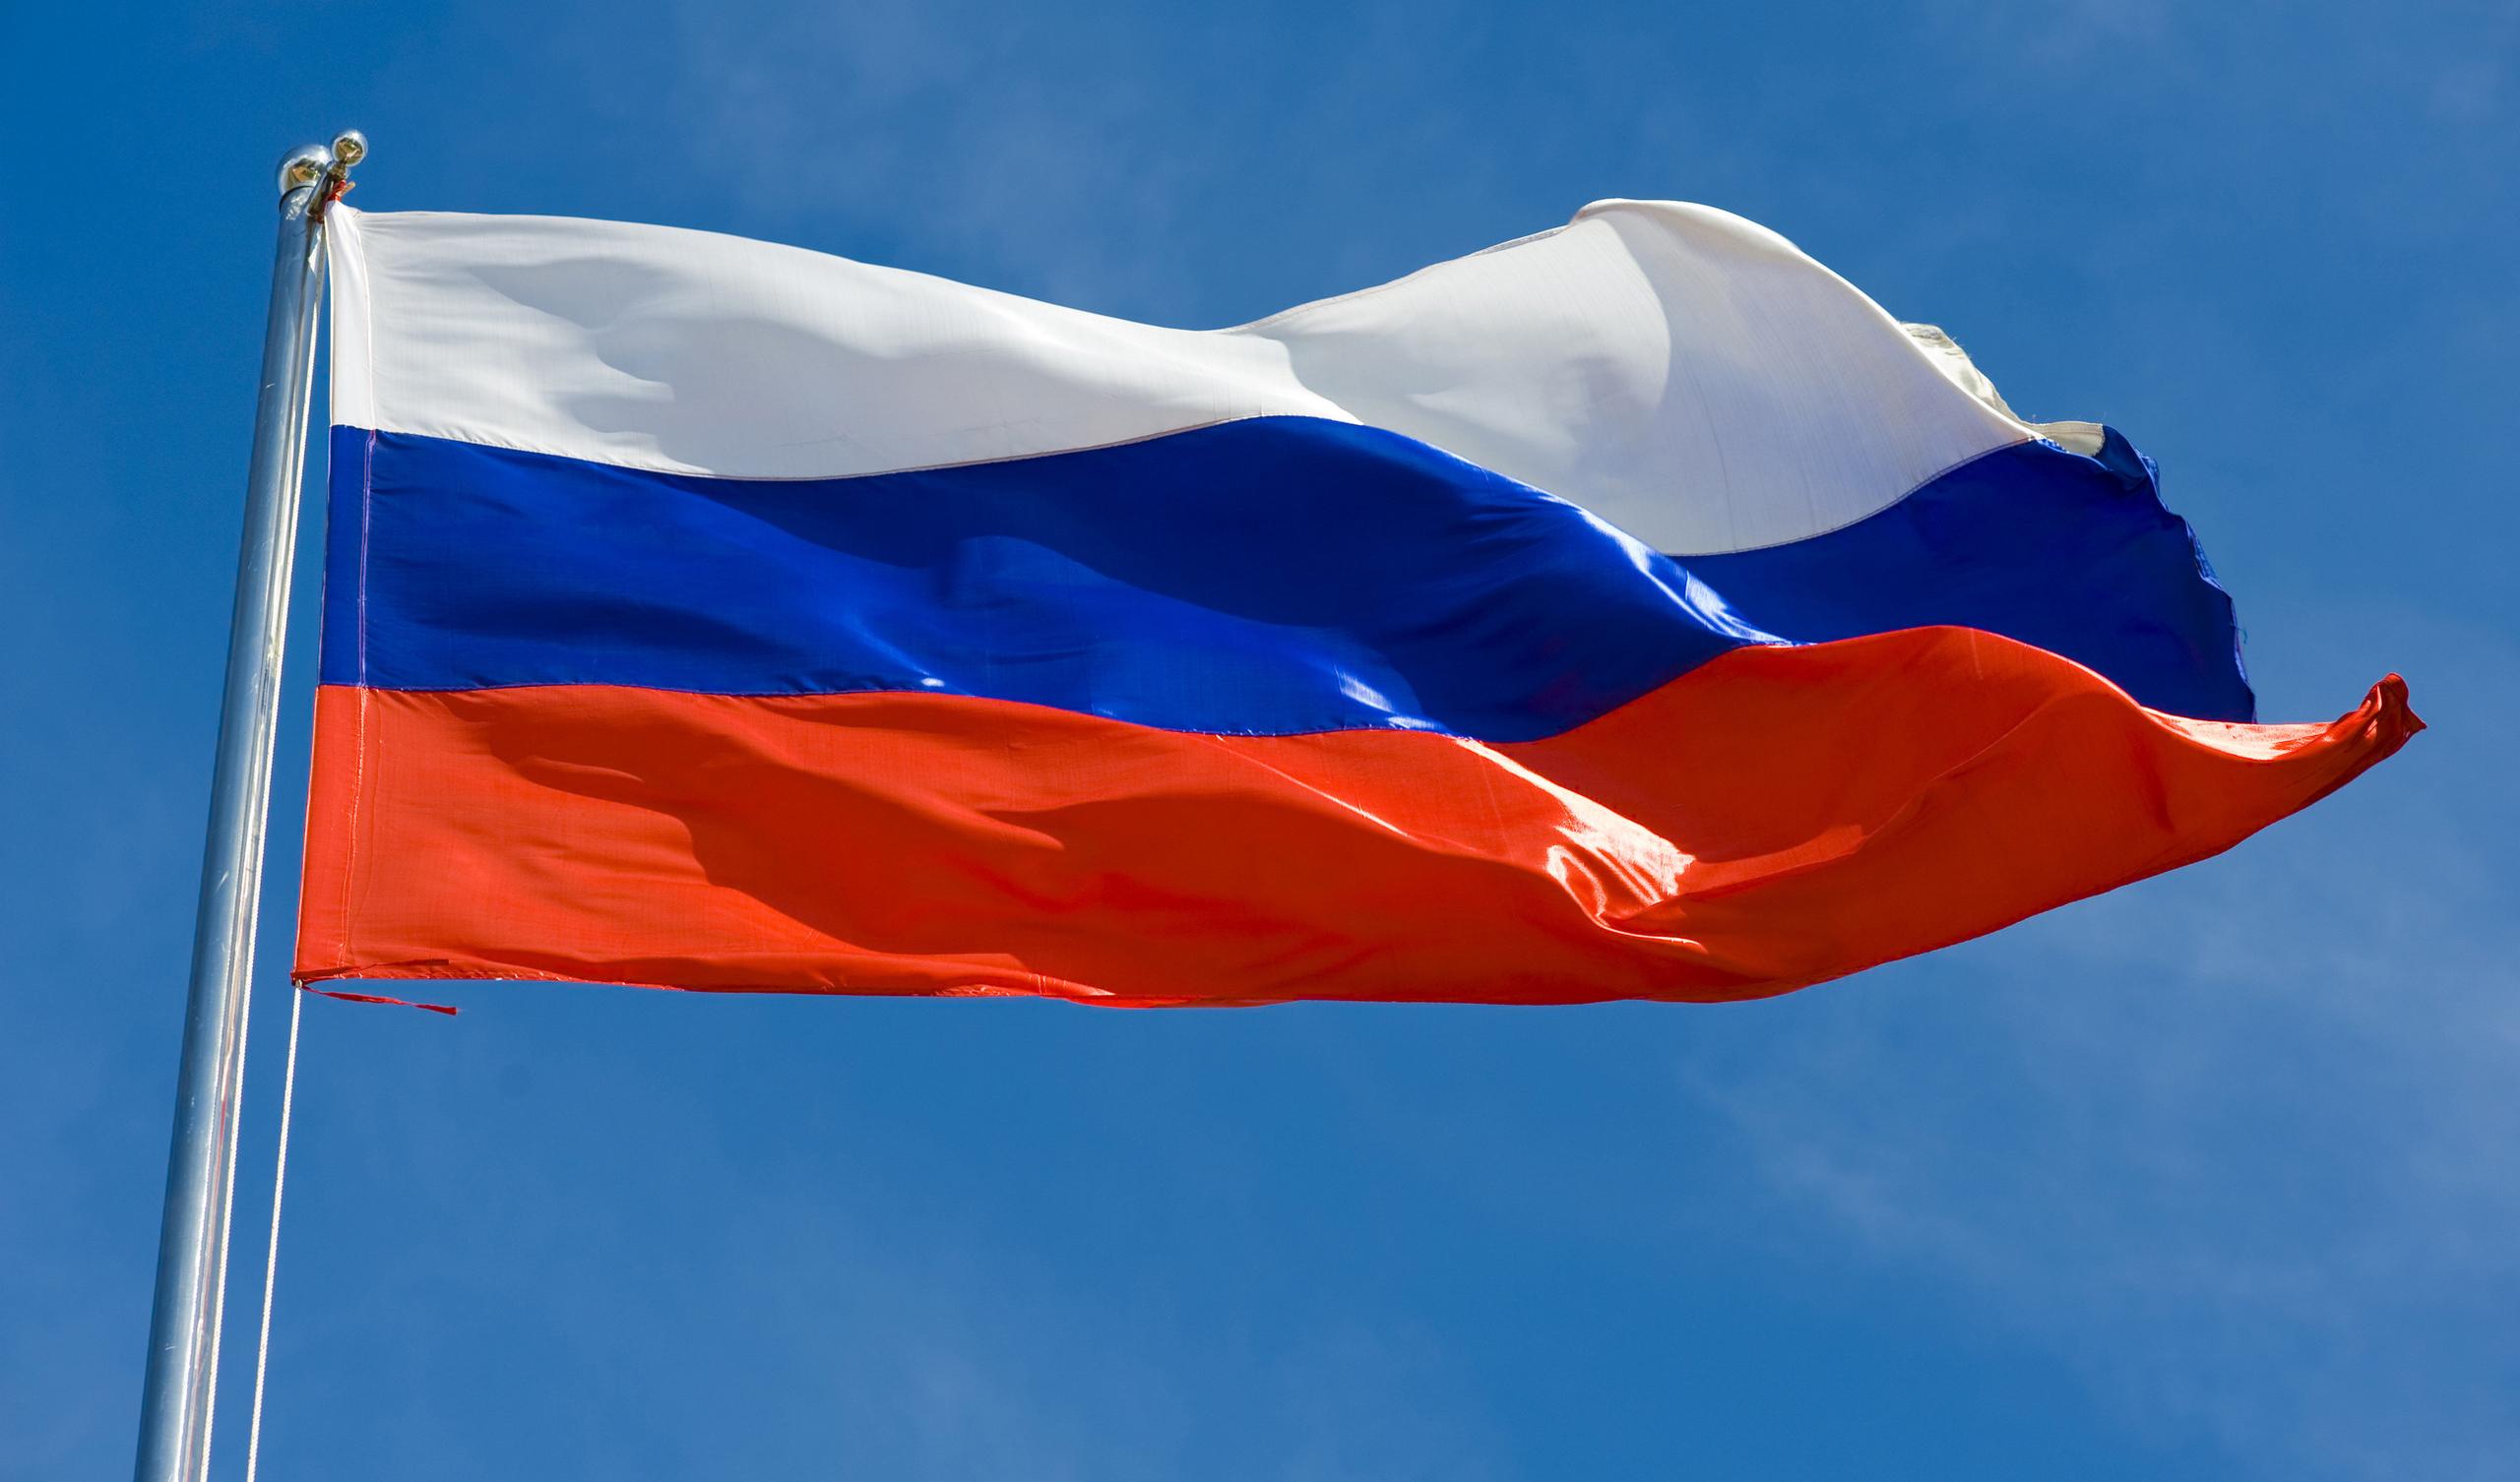 اقتصاد روسیه ۴.۵ درصد سقوط می کند